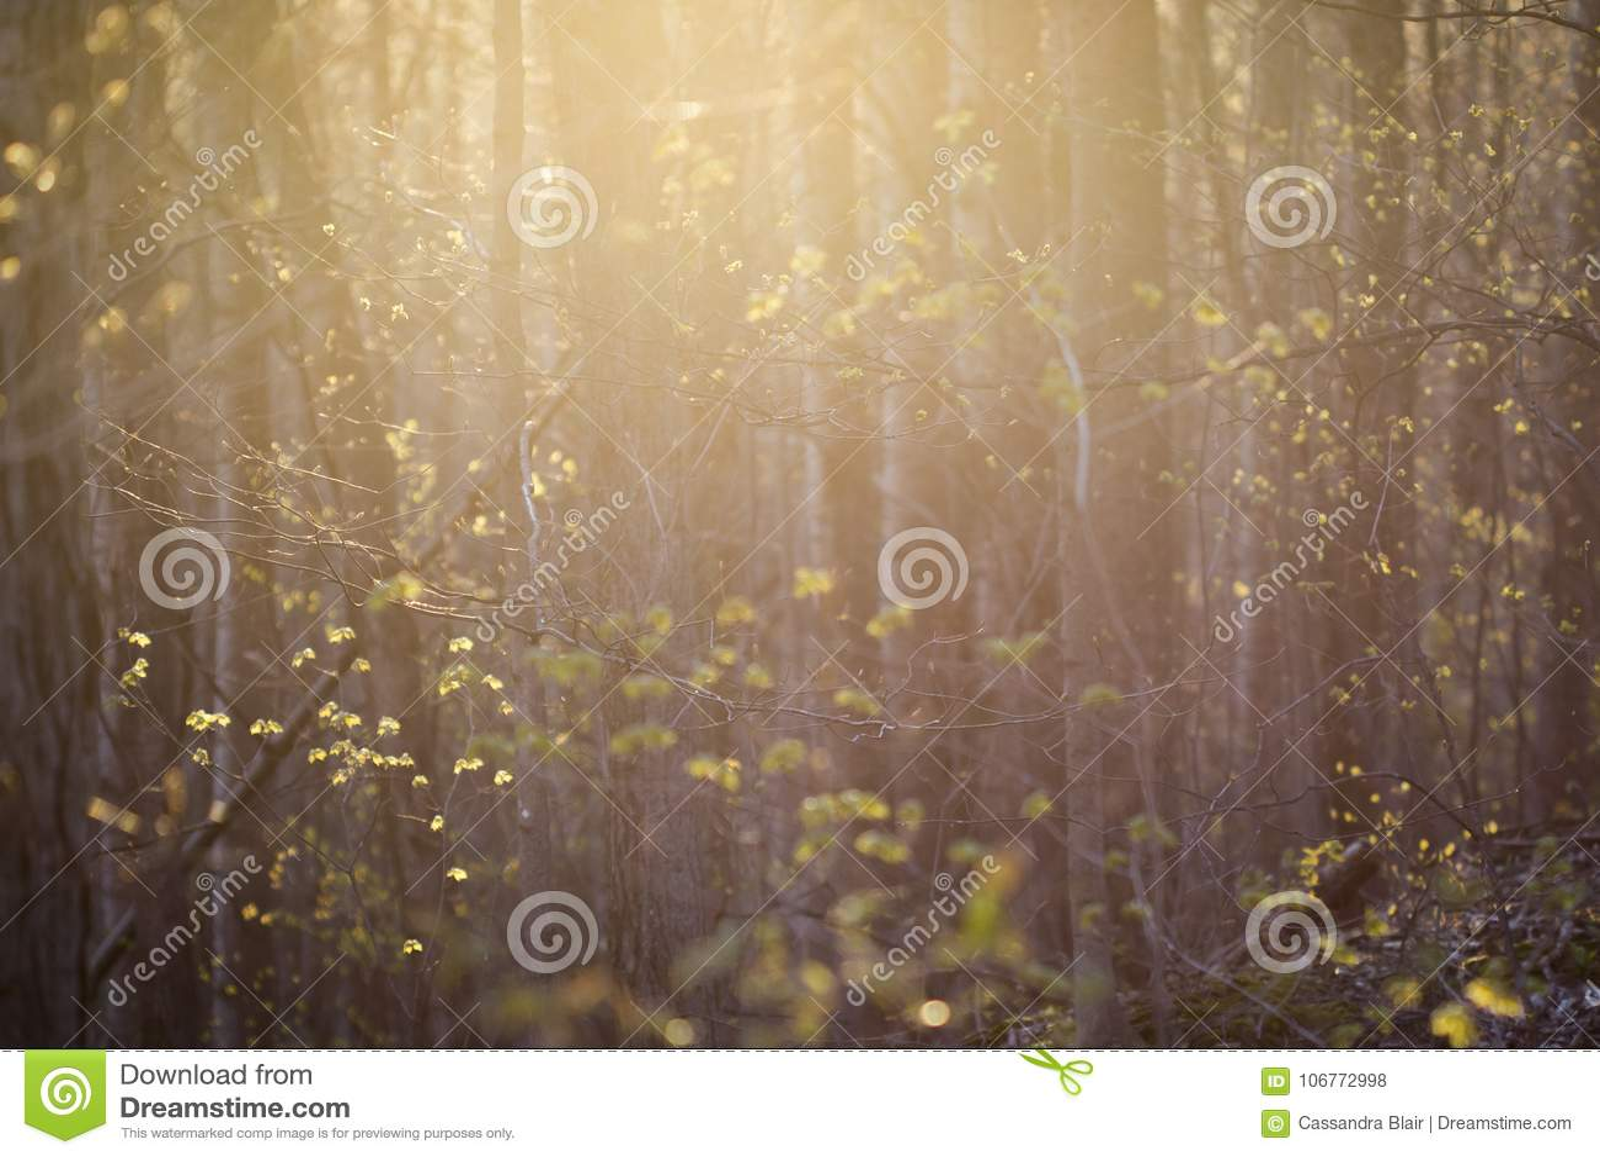 Lumière doucement rose et jaune sur une forêt de bourgeonnement